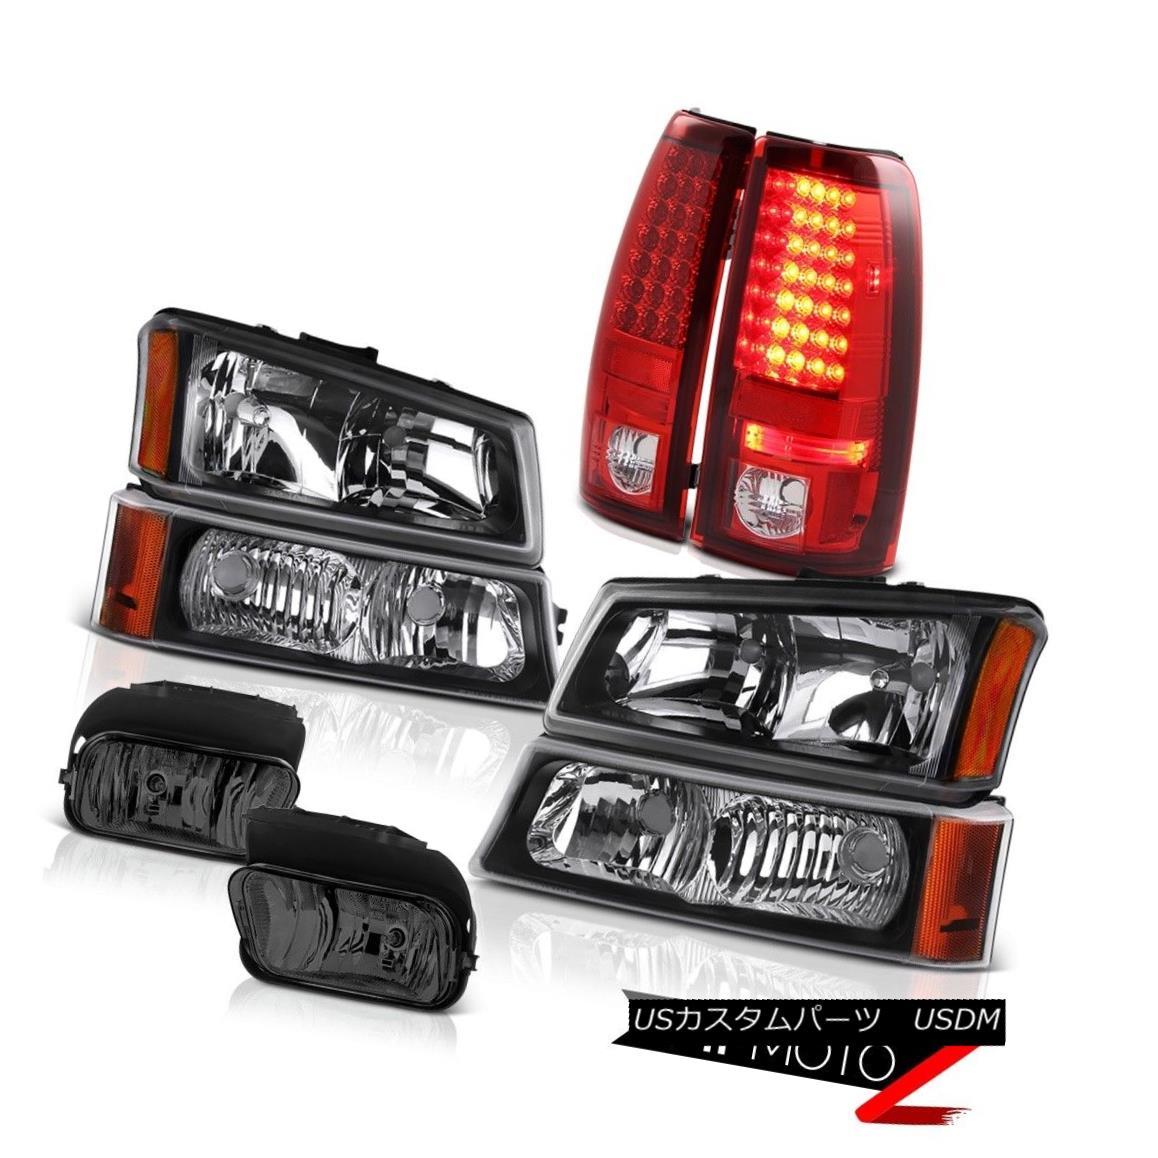 テールライト Silverado 3500HD 03-07 Bumper+Headlight Smoke LED Tail Light Lamp Bumper Foglamp Silverado 3500HD 03-07バンパー+ヘッドライト htスモークLEDテールライトランプバンパーフォグランプ